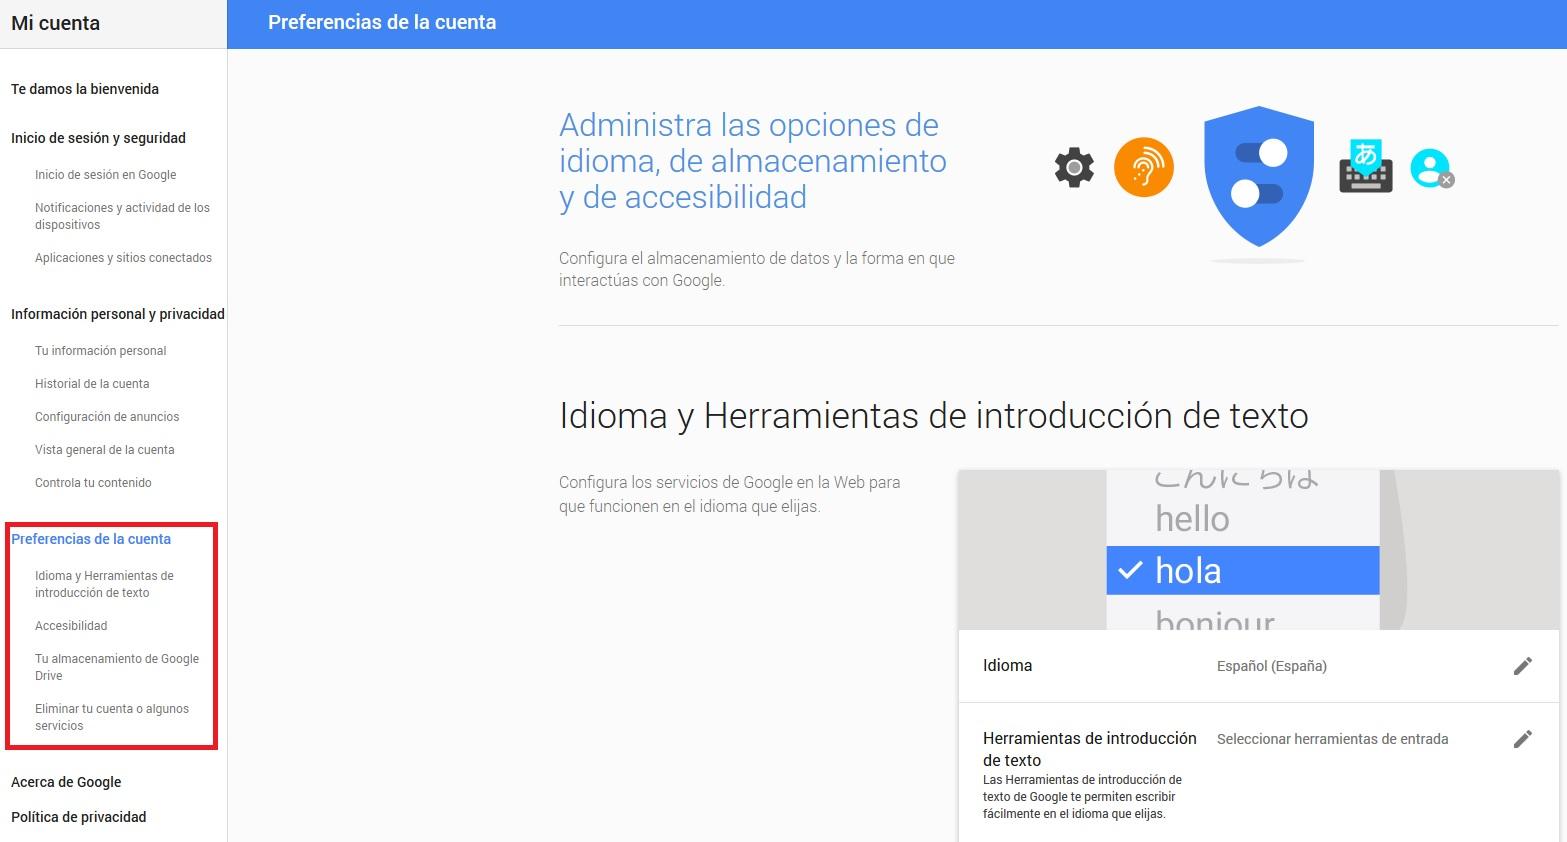 Come eliminare l'account Google Android [PER SEMPRE] 5